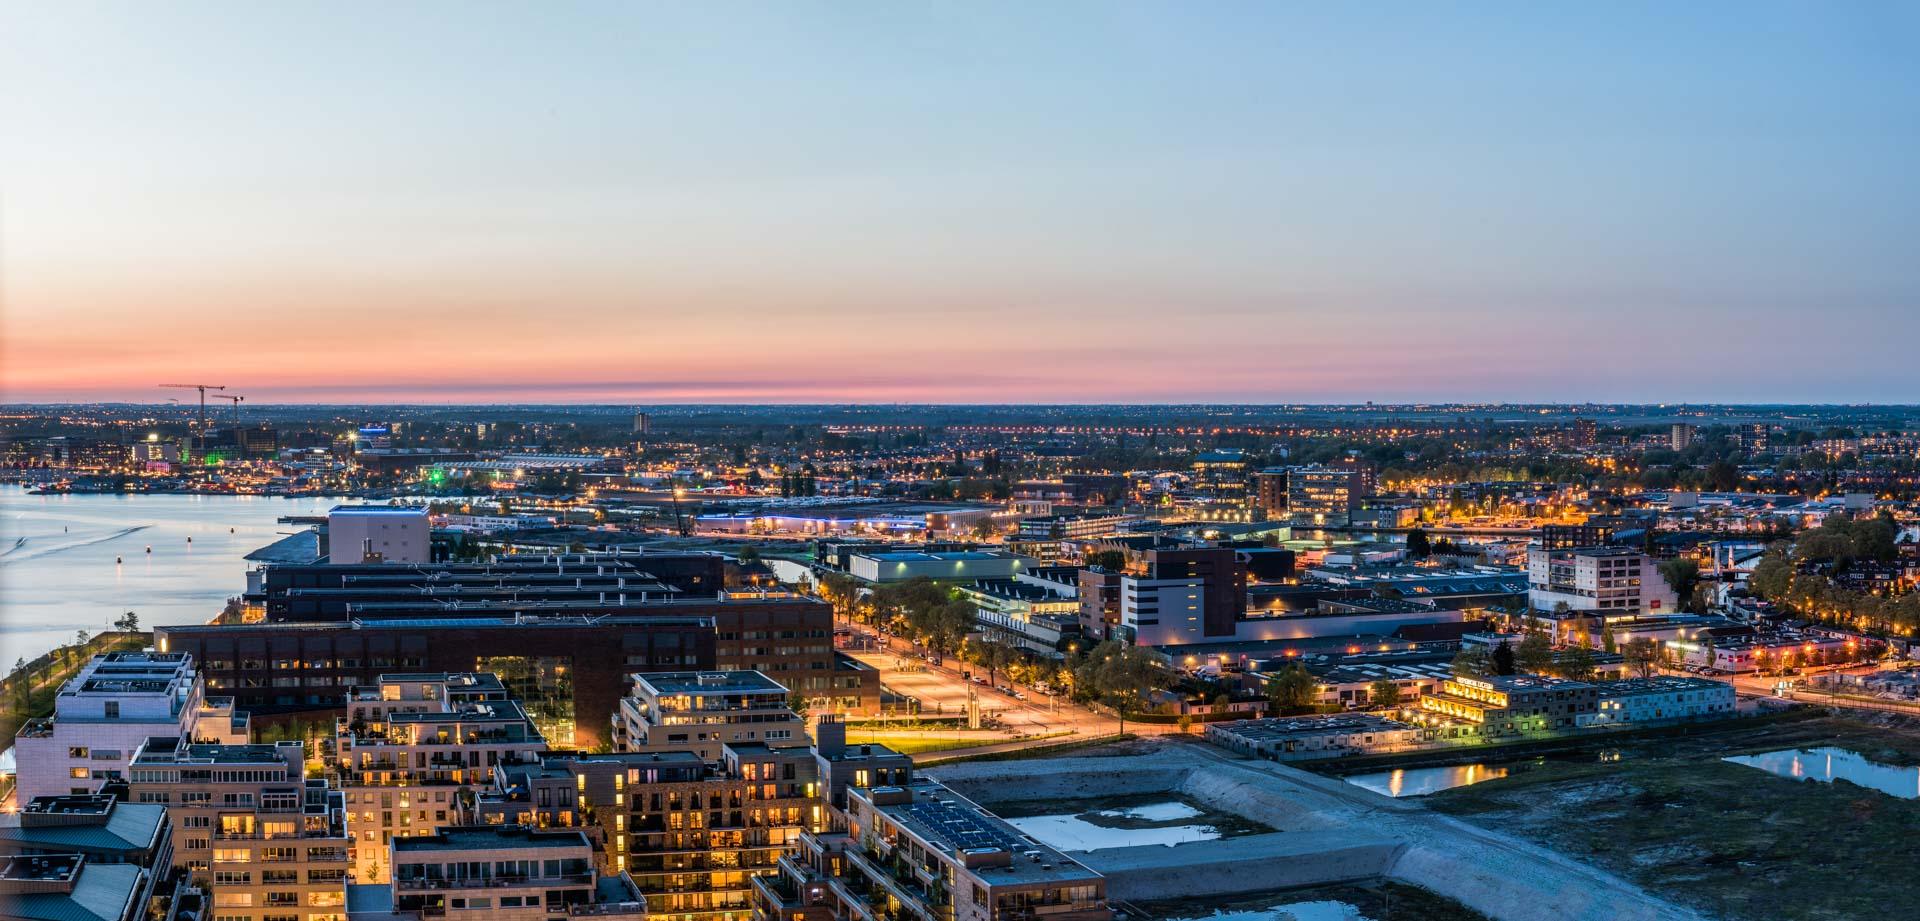 Nachtelijk Amsterdam, Purmerend, A'DAM Toren, uitzicht, panorama